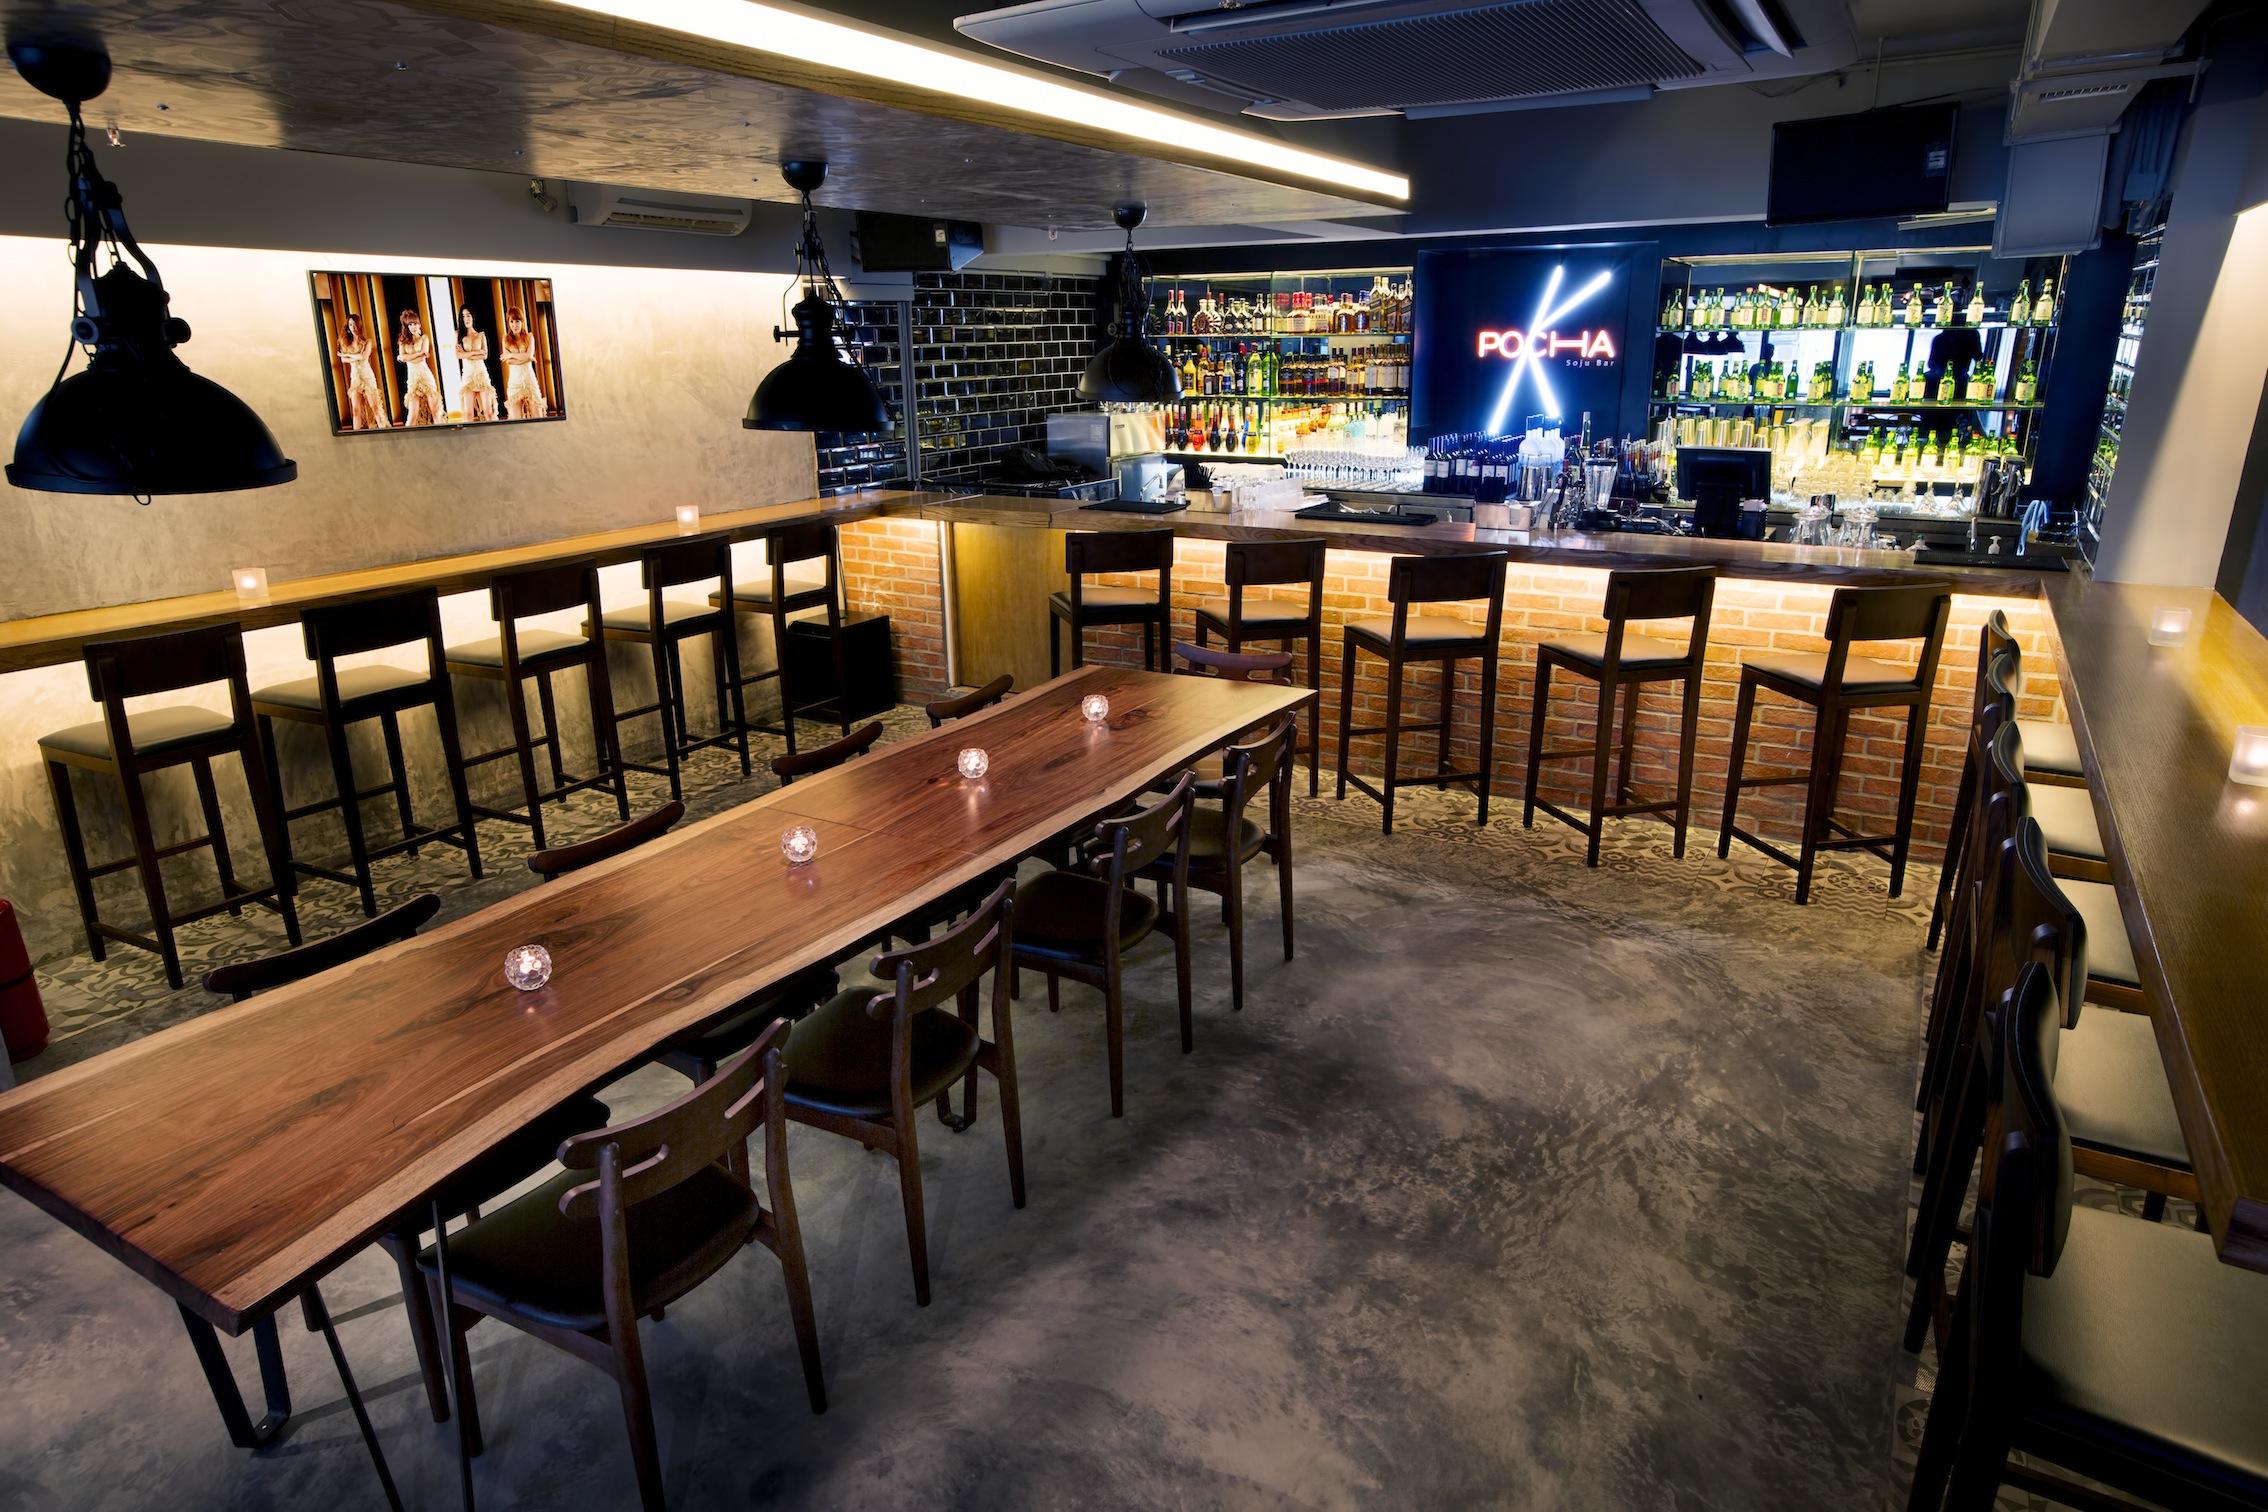 K-Pocha Interior (bar) 2.jpg